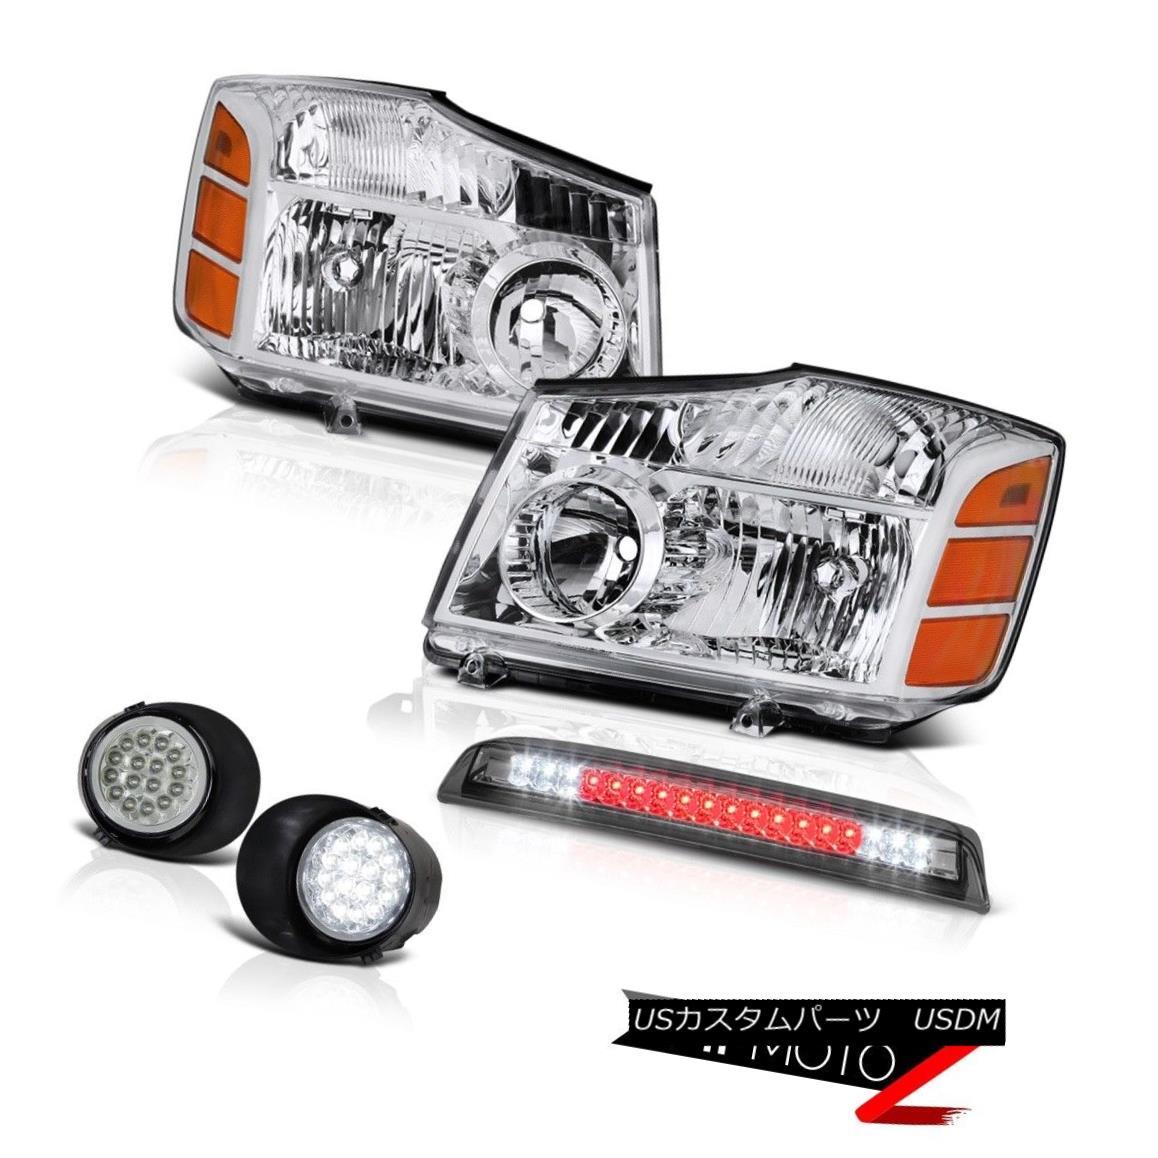 ヘッドライト For 04-15 Titan 4X4 Clear Headlights Bumper LED DRL Fog Kit Tint Cargo 3rd Brake 04-15タイタン4X4クリアヘッドライトバンパーLED DRLフォグキットティントカーゴ第3ブレーキ